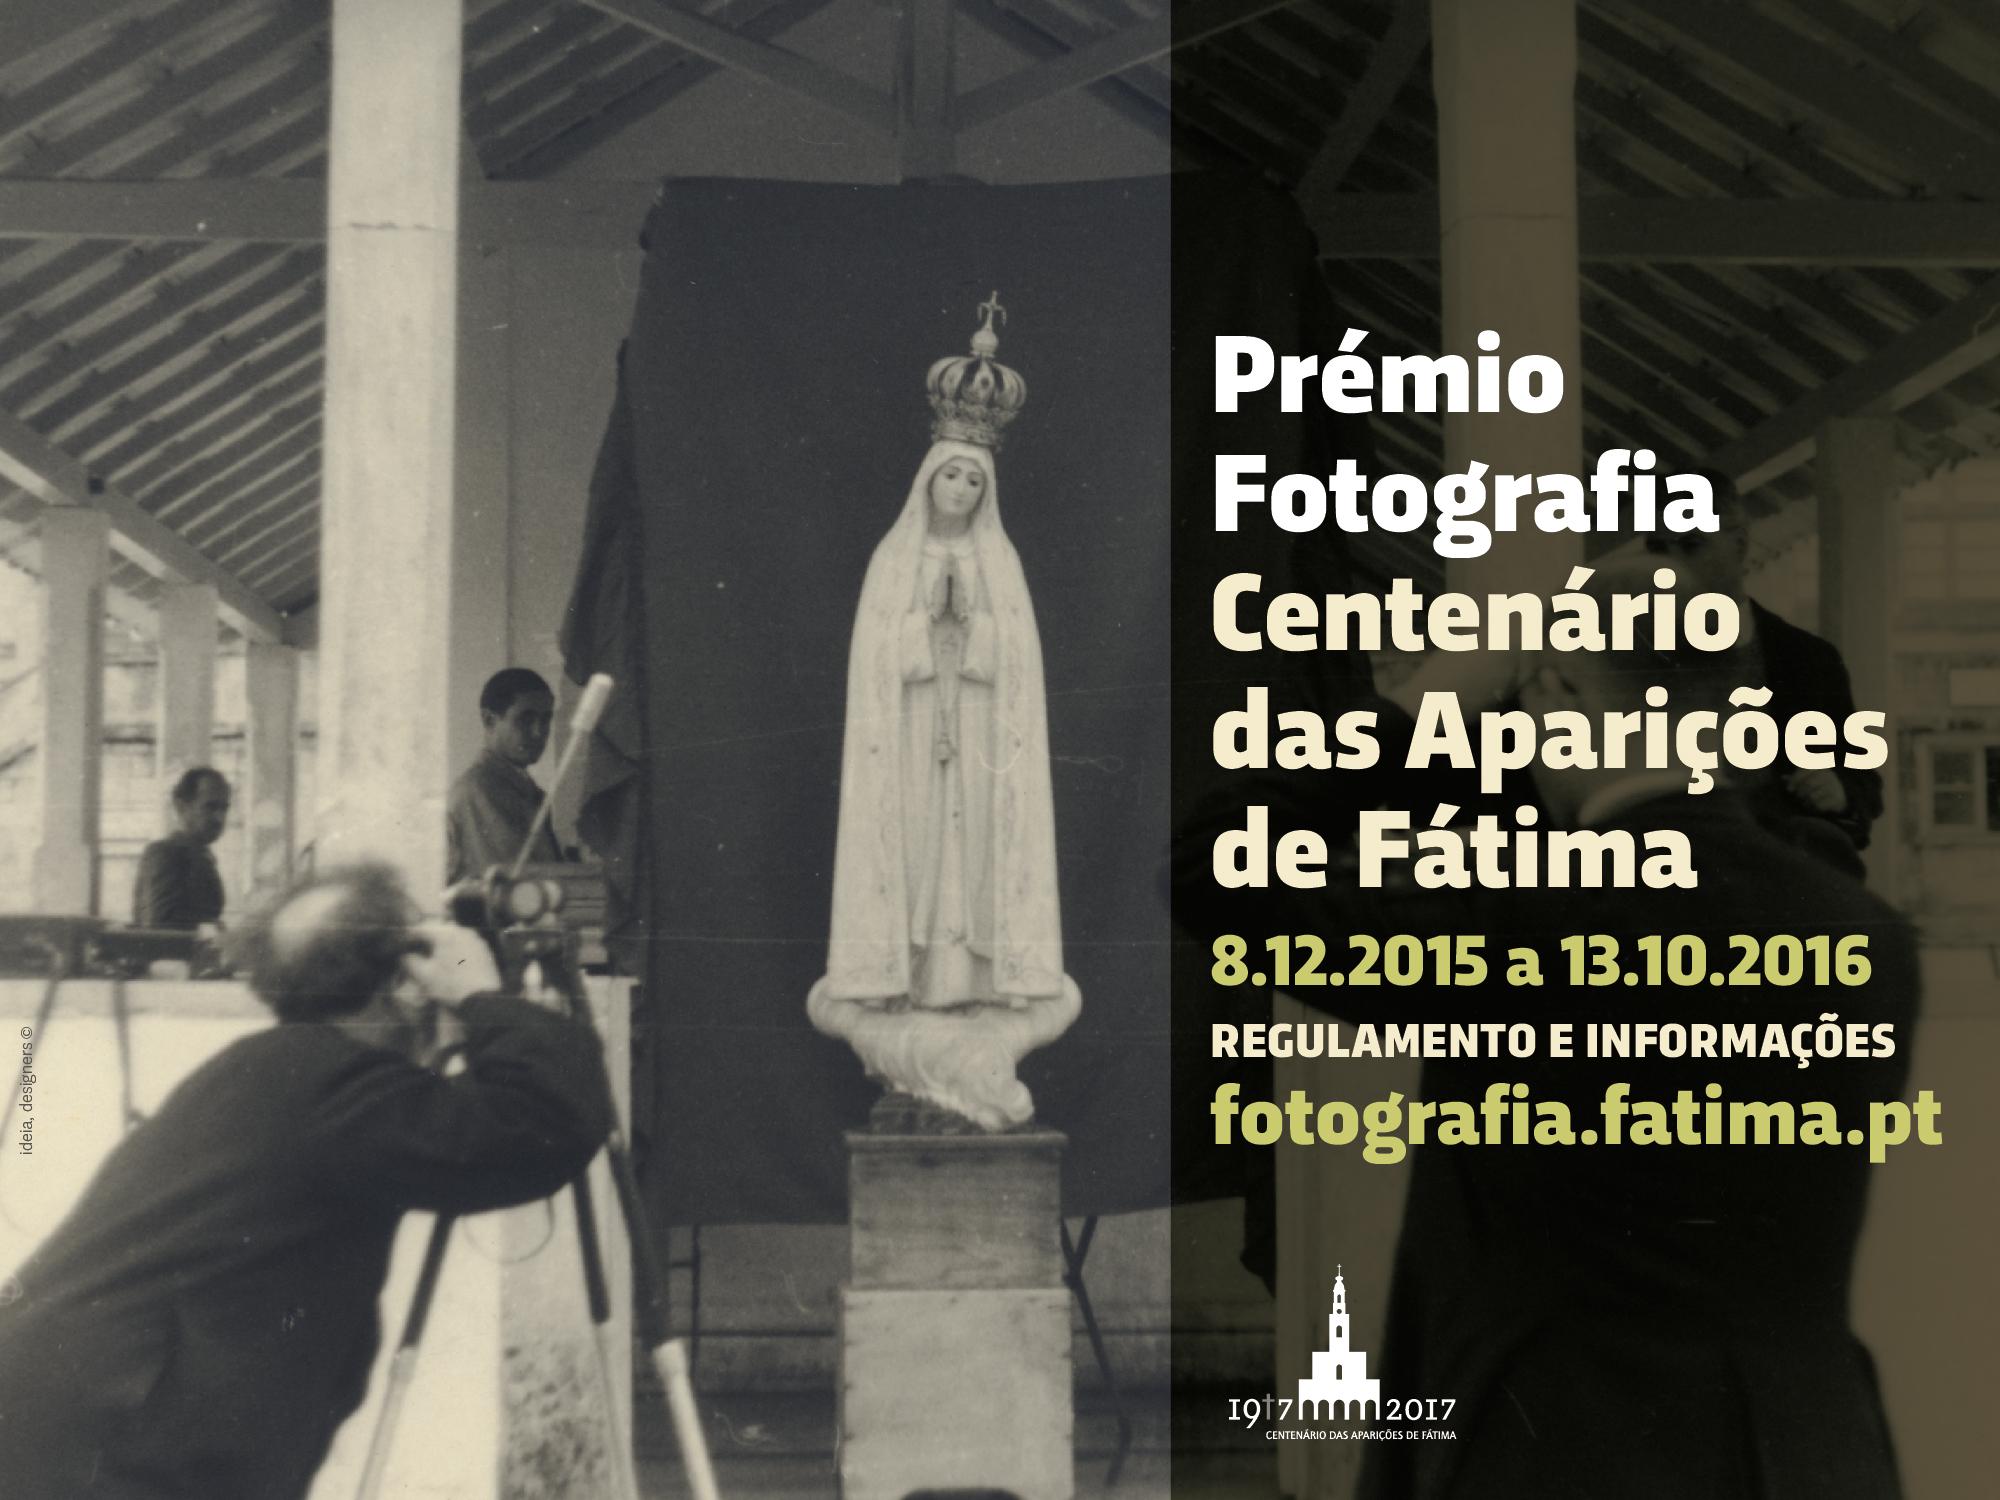 Premio Fotografia_banner3x2 PT.jpg